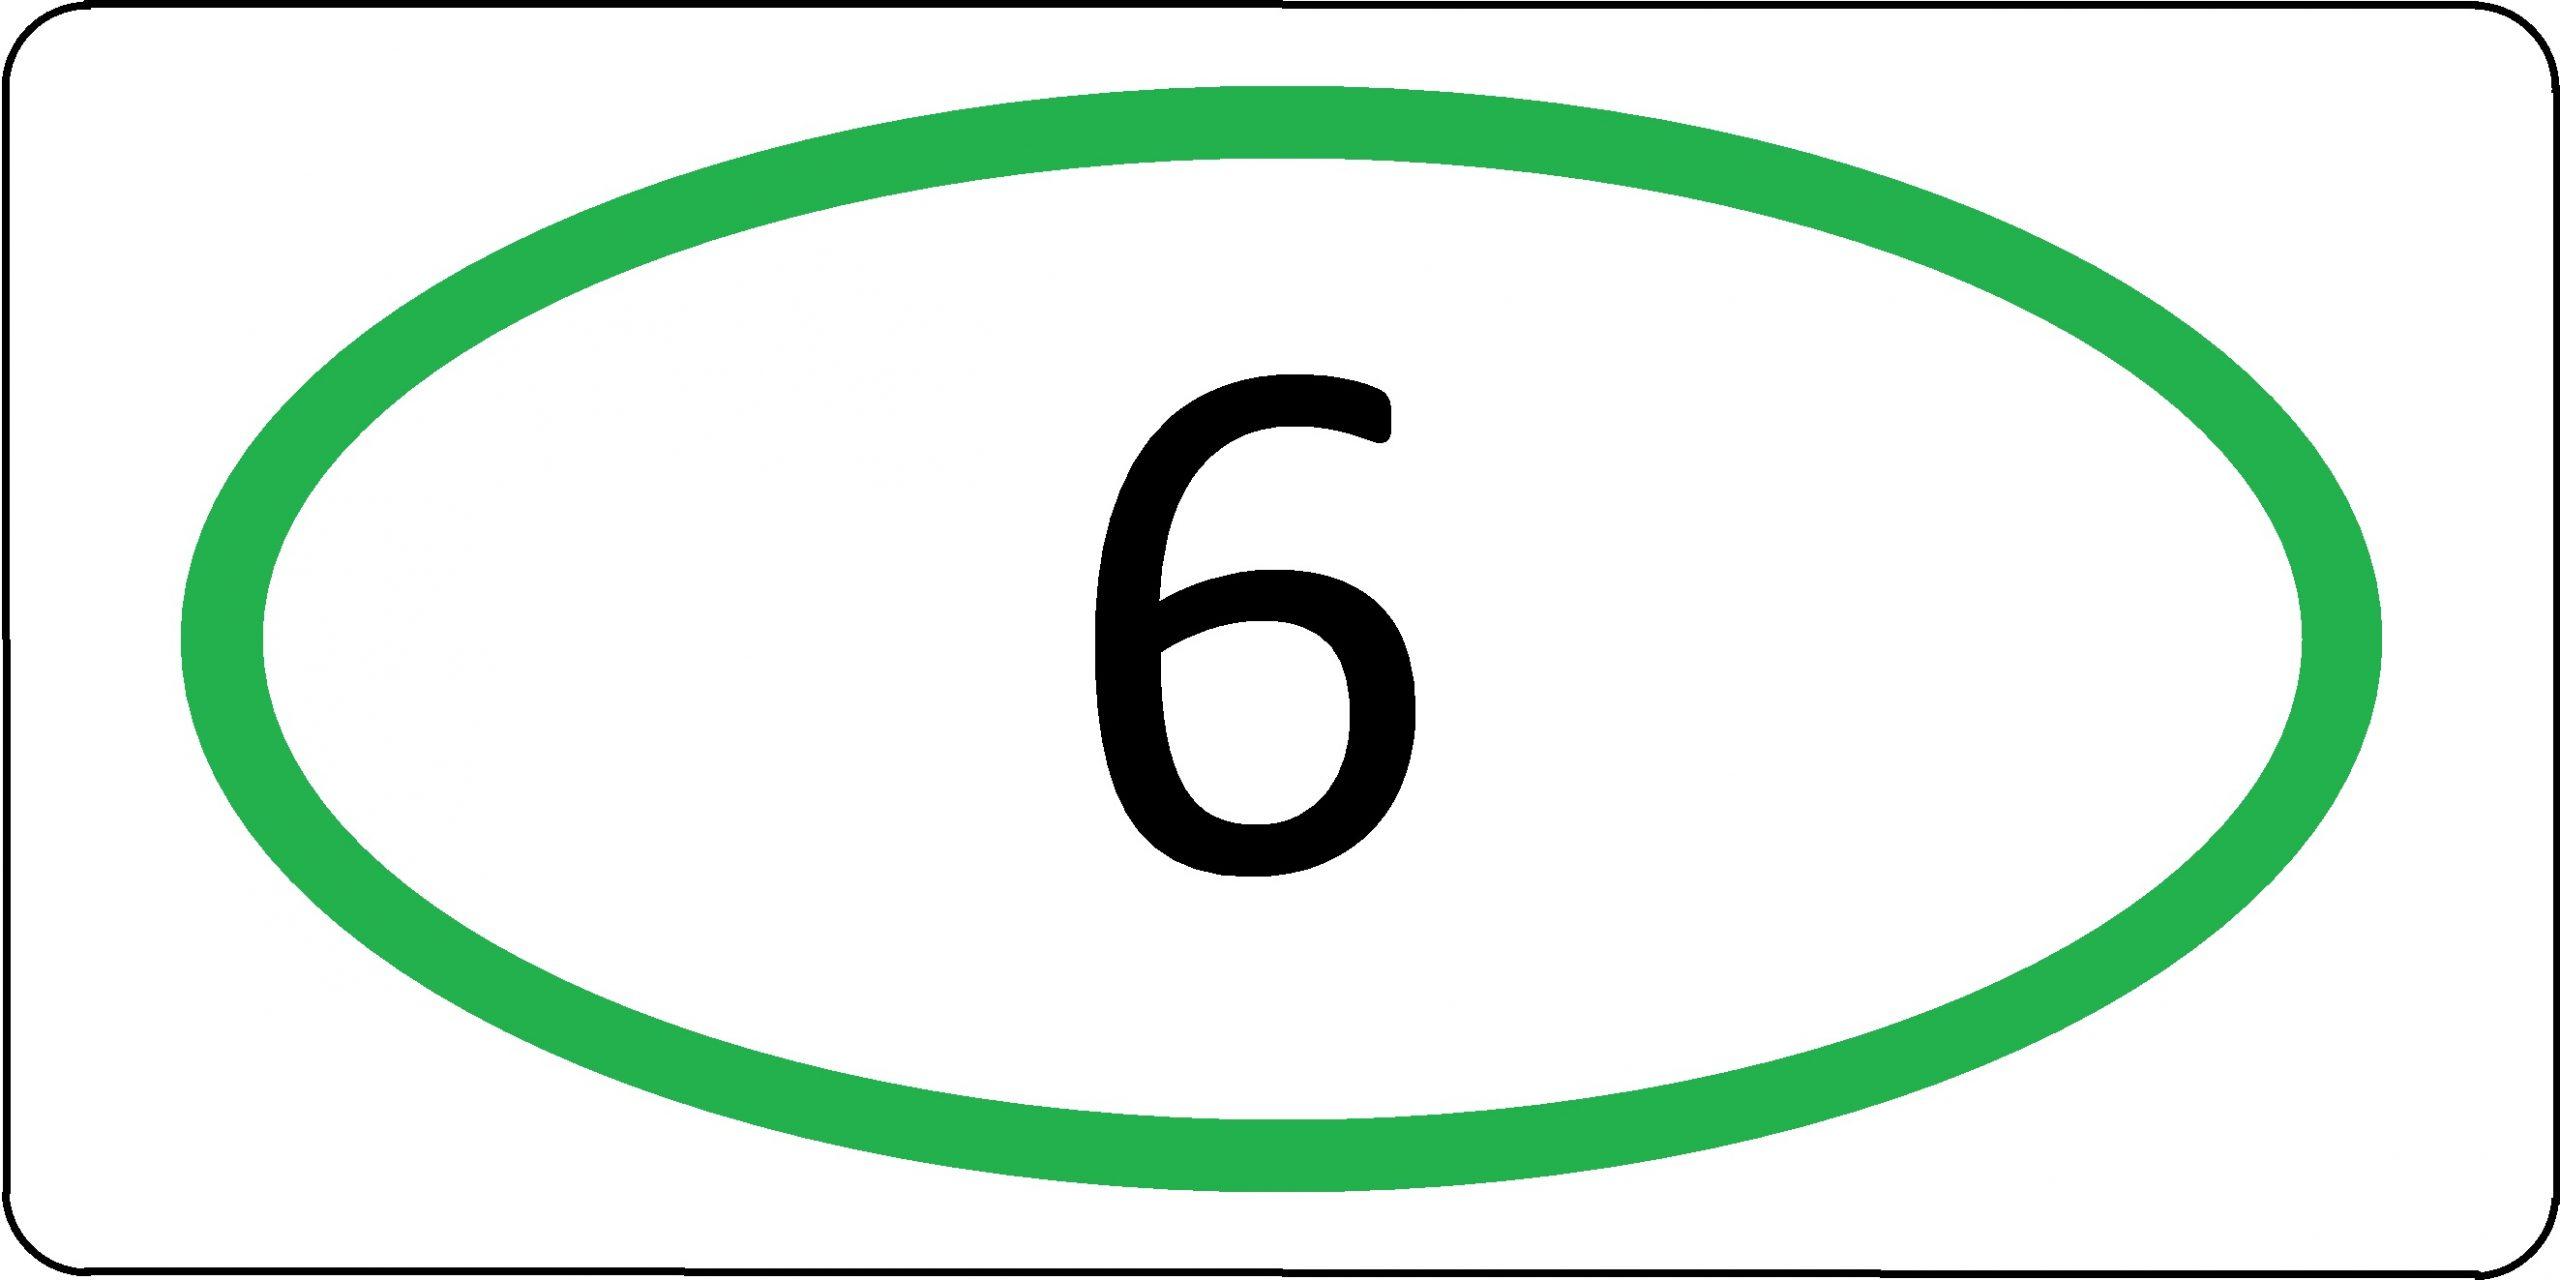 Экологический класс транспортного средства №6